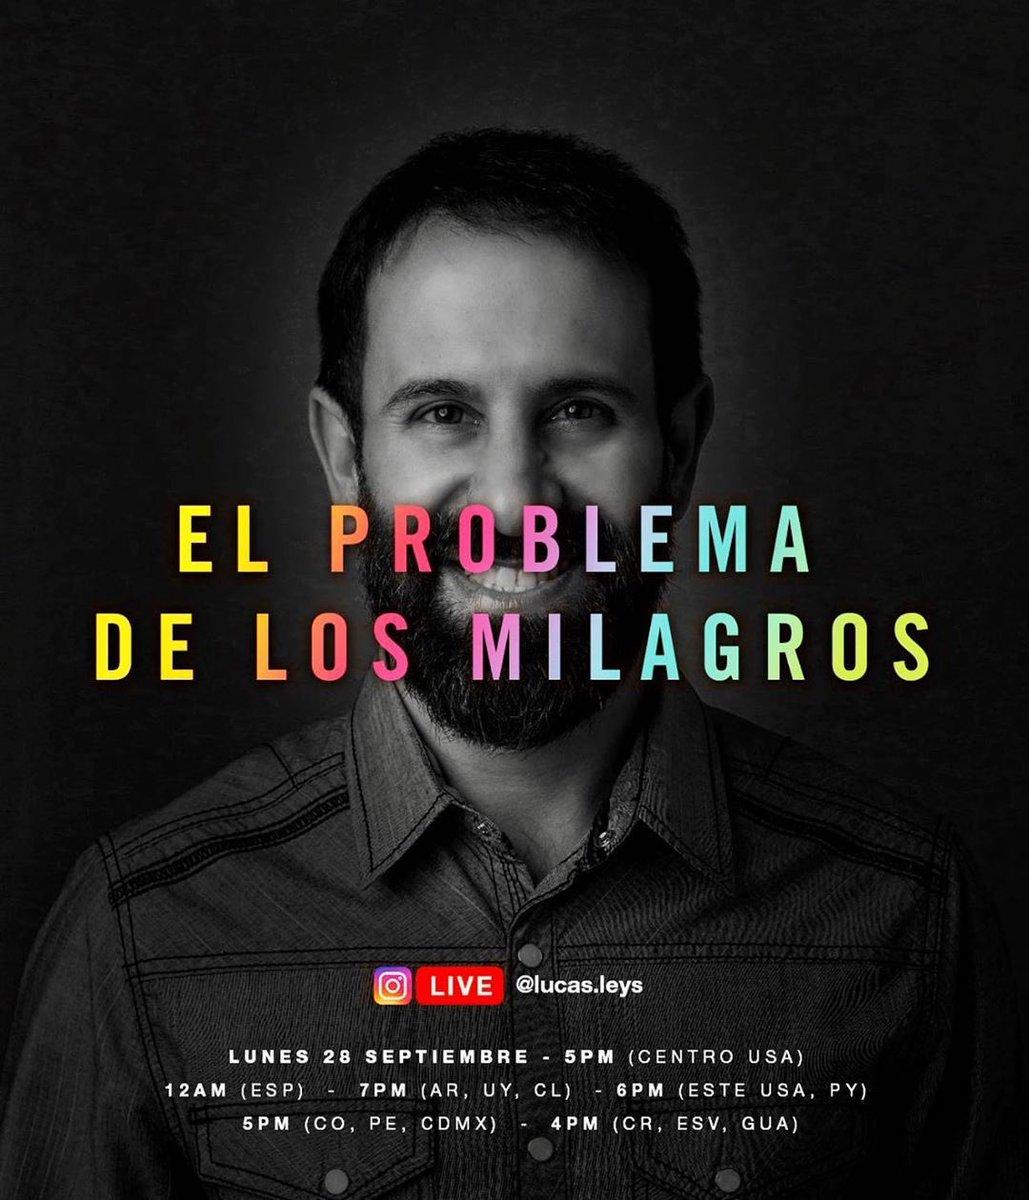 """Este es el #Live de hoy """"EL PROBLEMA DE LOS MILAGROS"""" ¡No te lo pierdas!   Desde el Instagram del Dr.  @LucasLeys   💪 #iglesia #Iglesianext #discipulado 🔥 https://t.co/NUAJSHRDUe"""